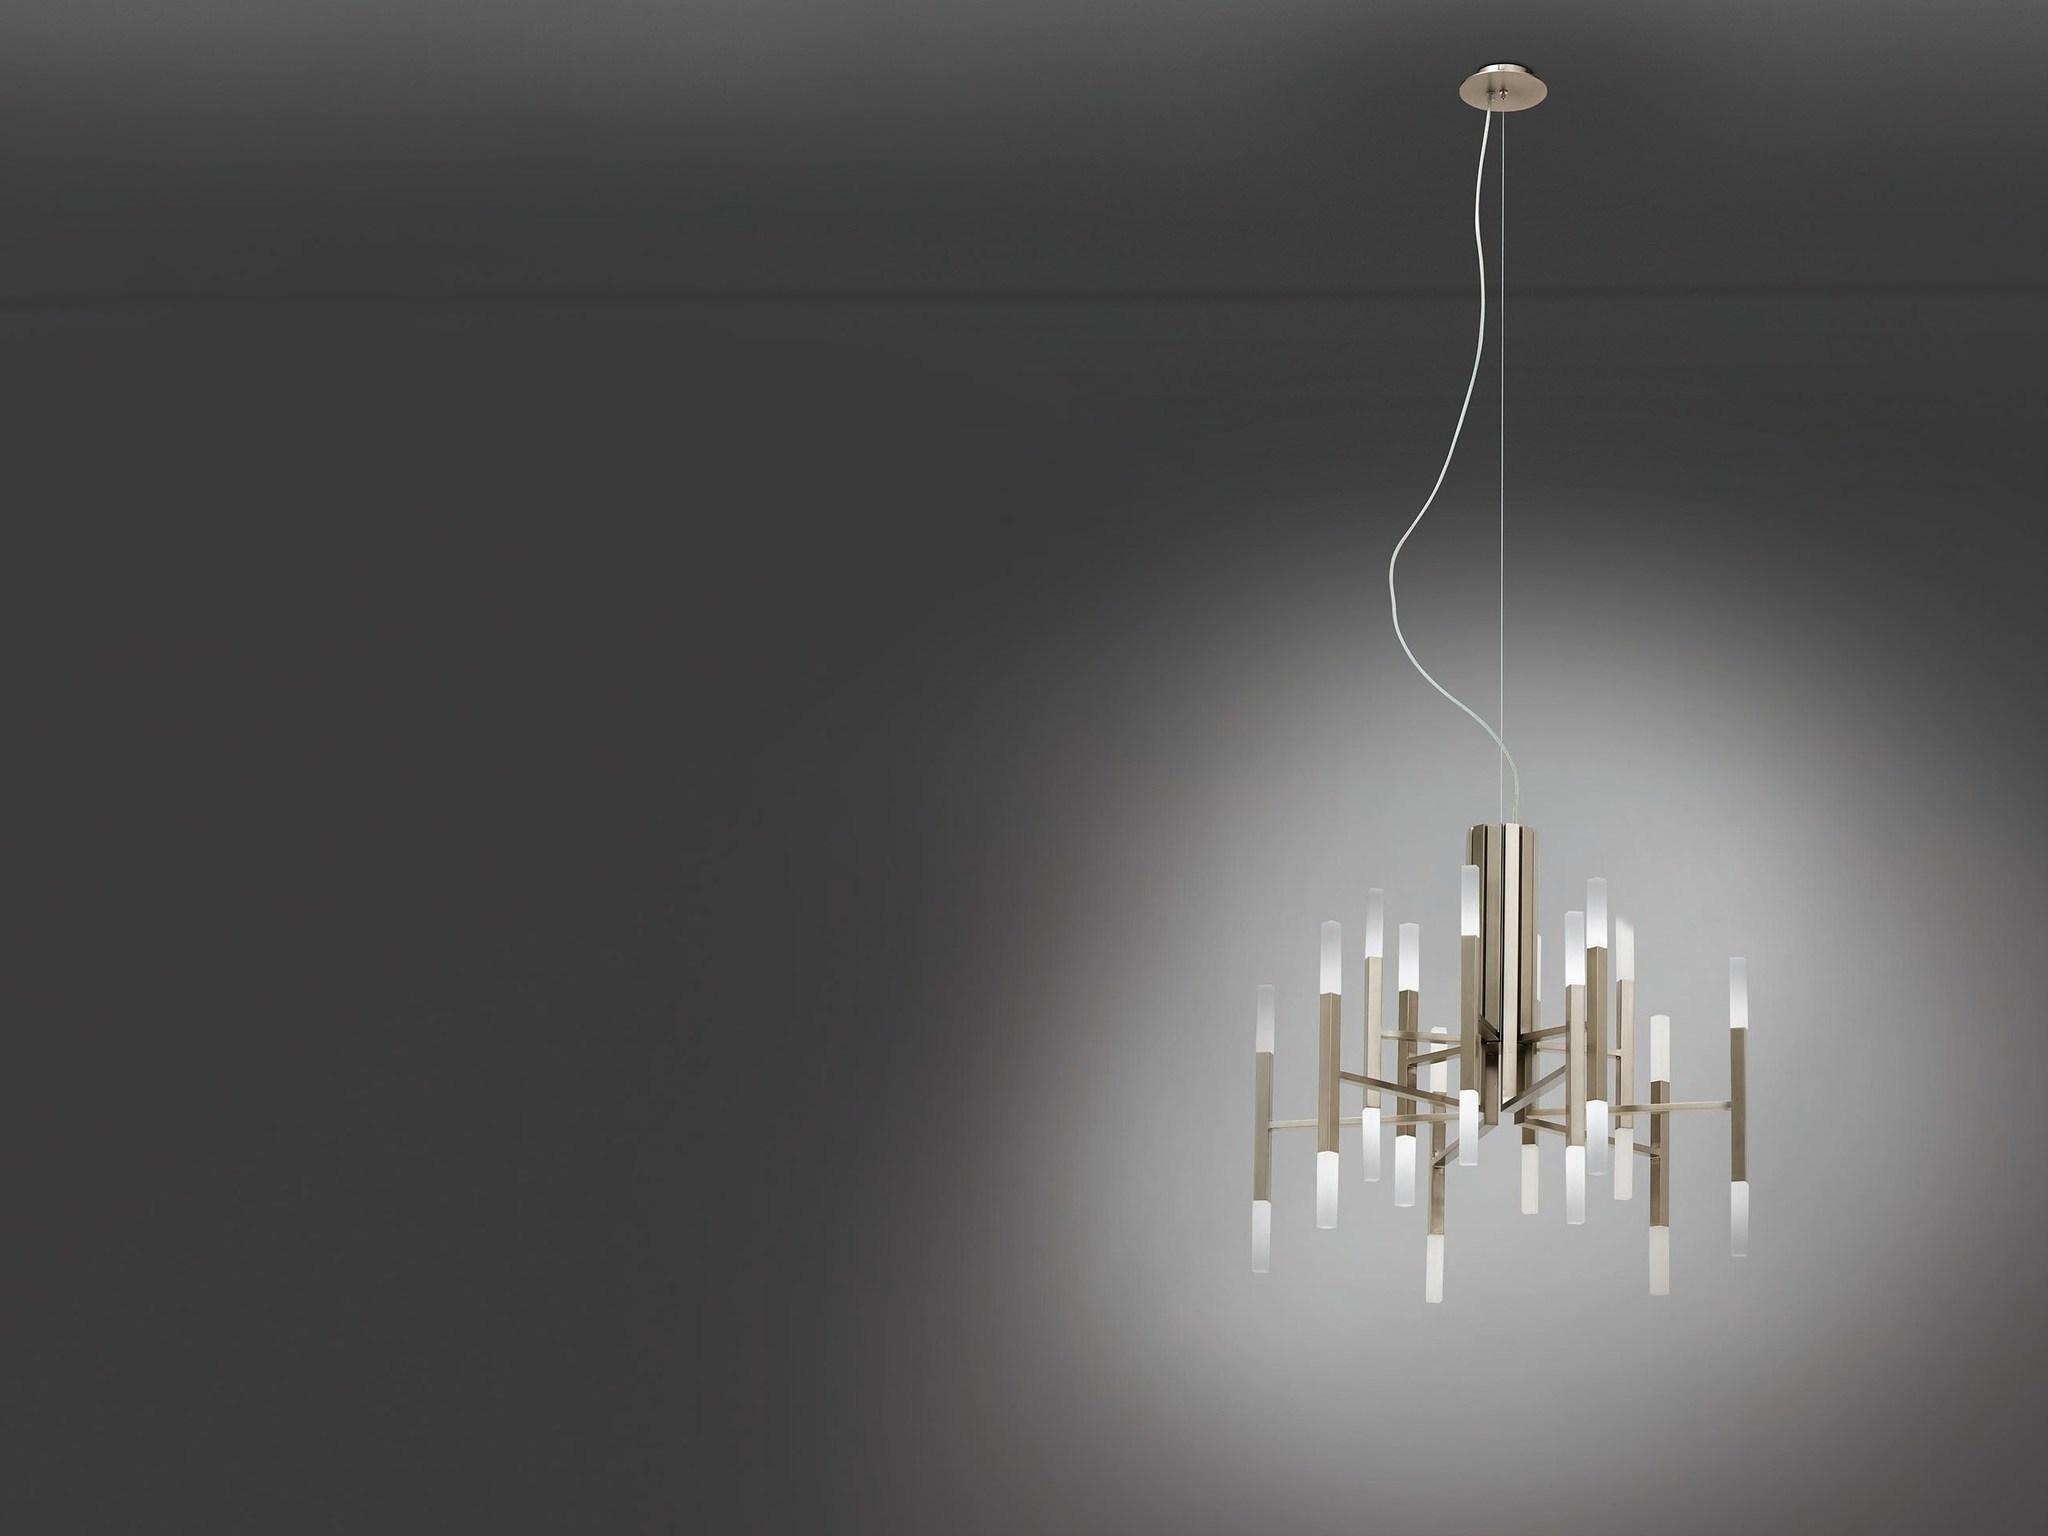 Подвесной светильник копия THE LIGHT by Alma 30 плафонов (никель)